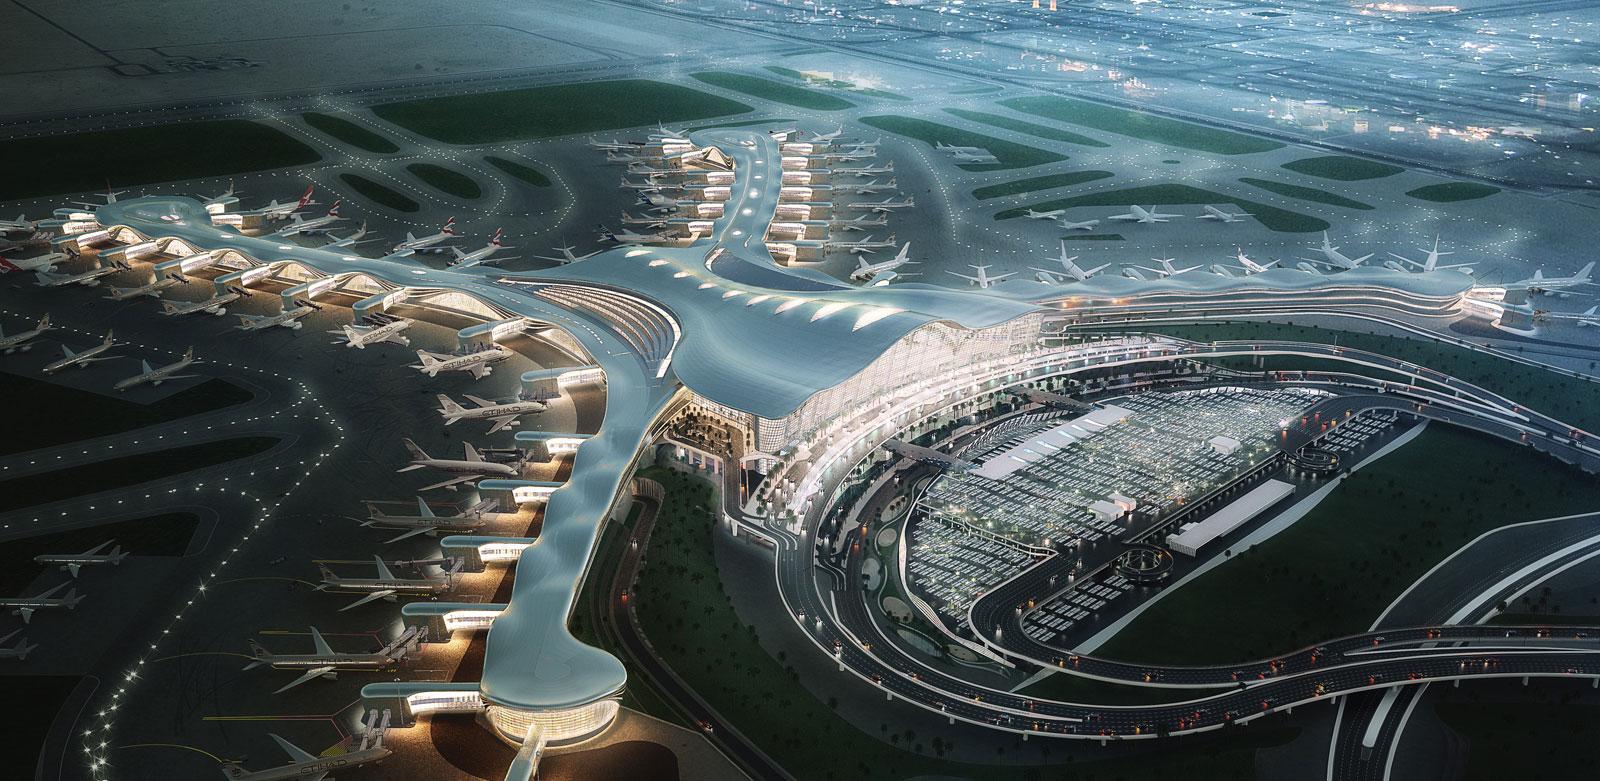 تحويل رحلات من أبوظبي ودبي إلى مطارات أخرى بسبب الطقس